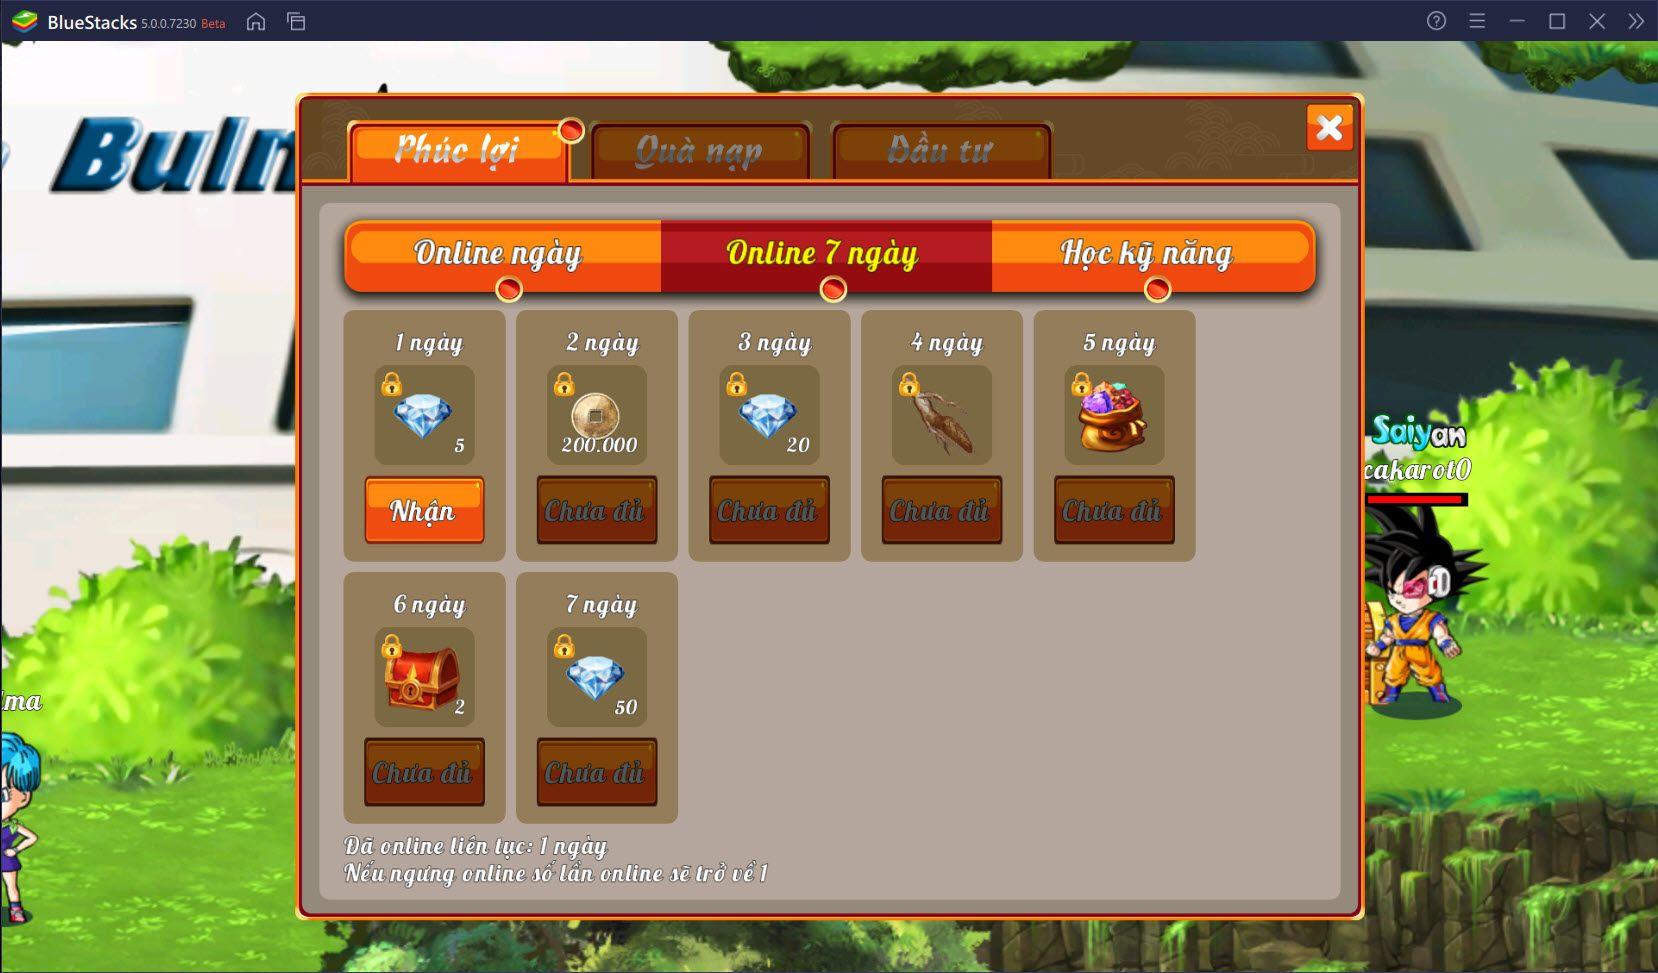 Mẹo chơi Gọi Rồng Online tốt hơn trên PC cùng BlueStacks